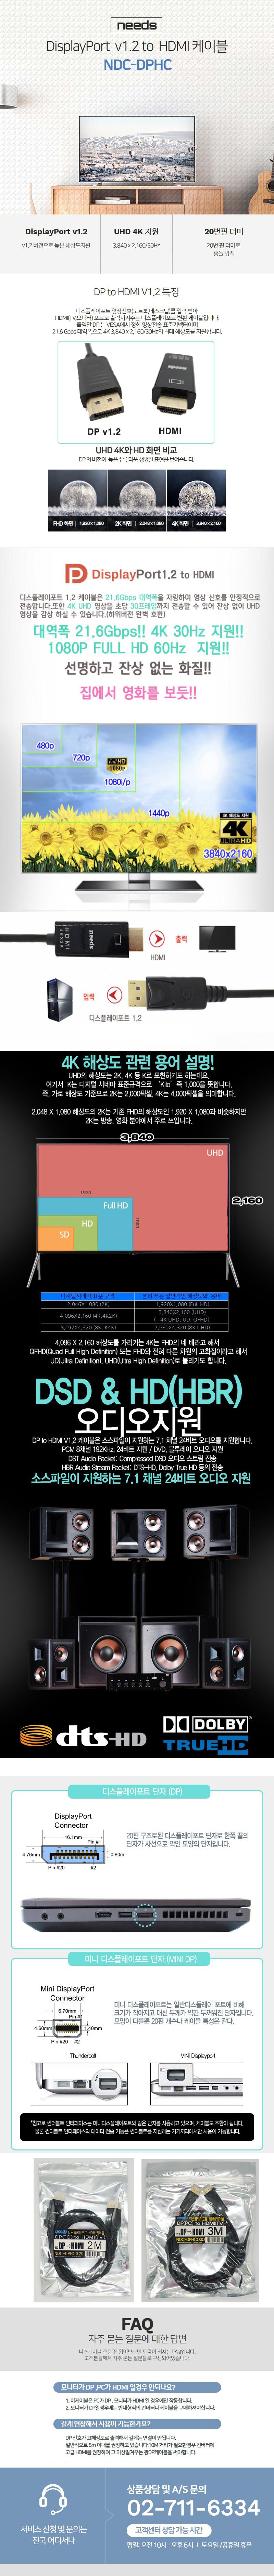 리더샵 NEEDS DP v1.2 to HDMI 변환 케이블 (NDC-DPHC030, 3m)